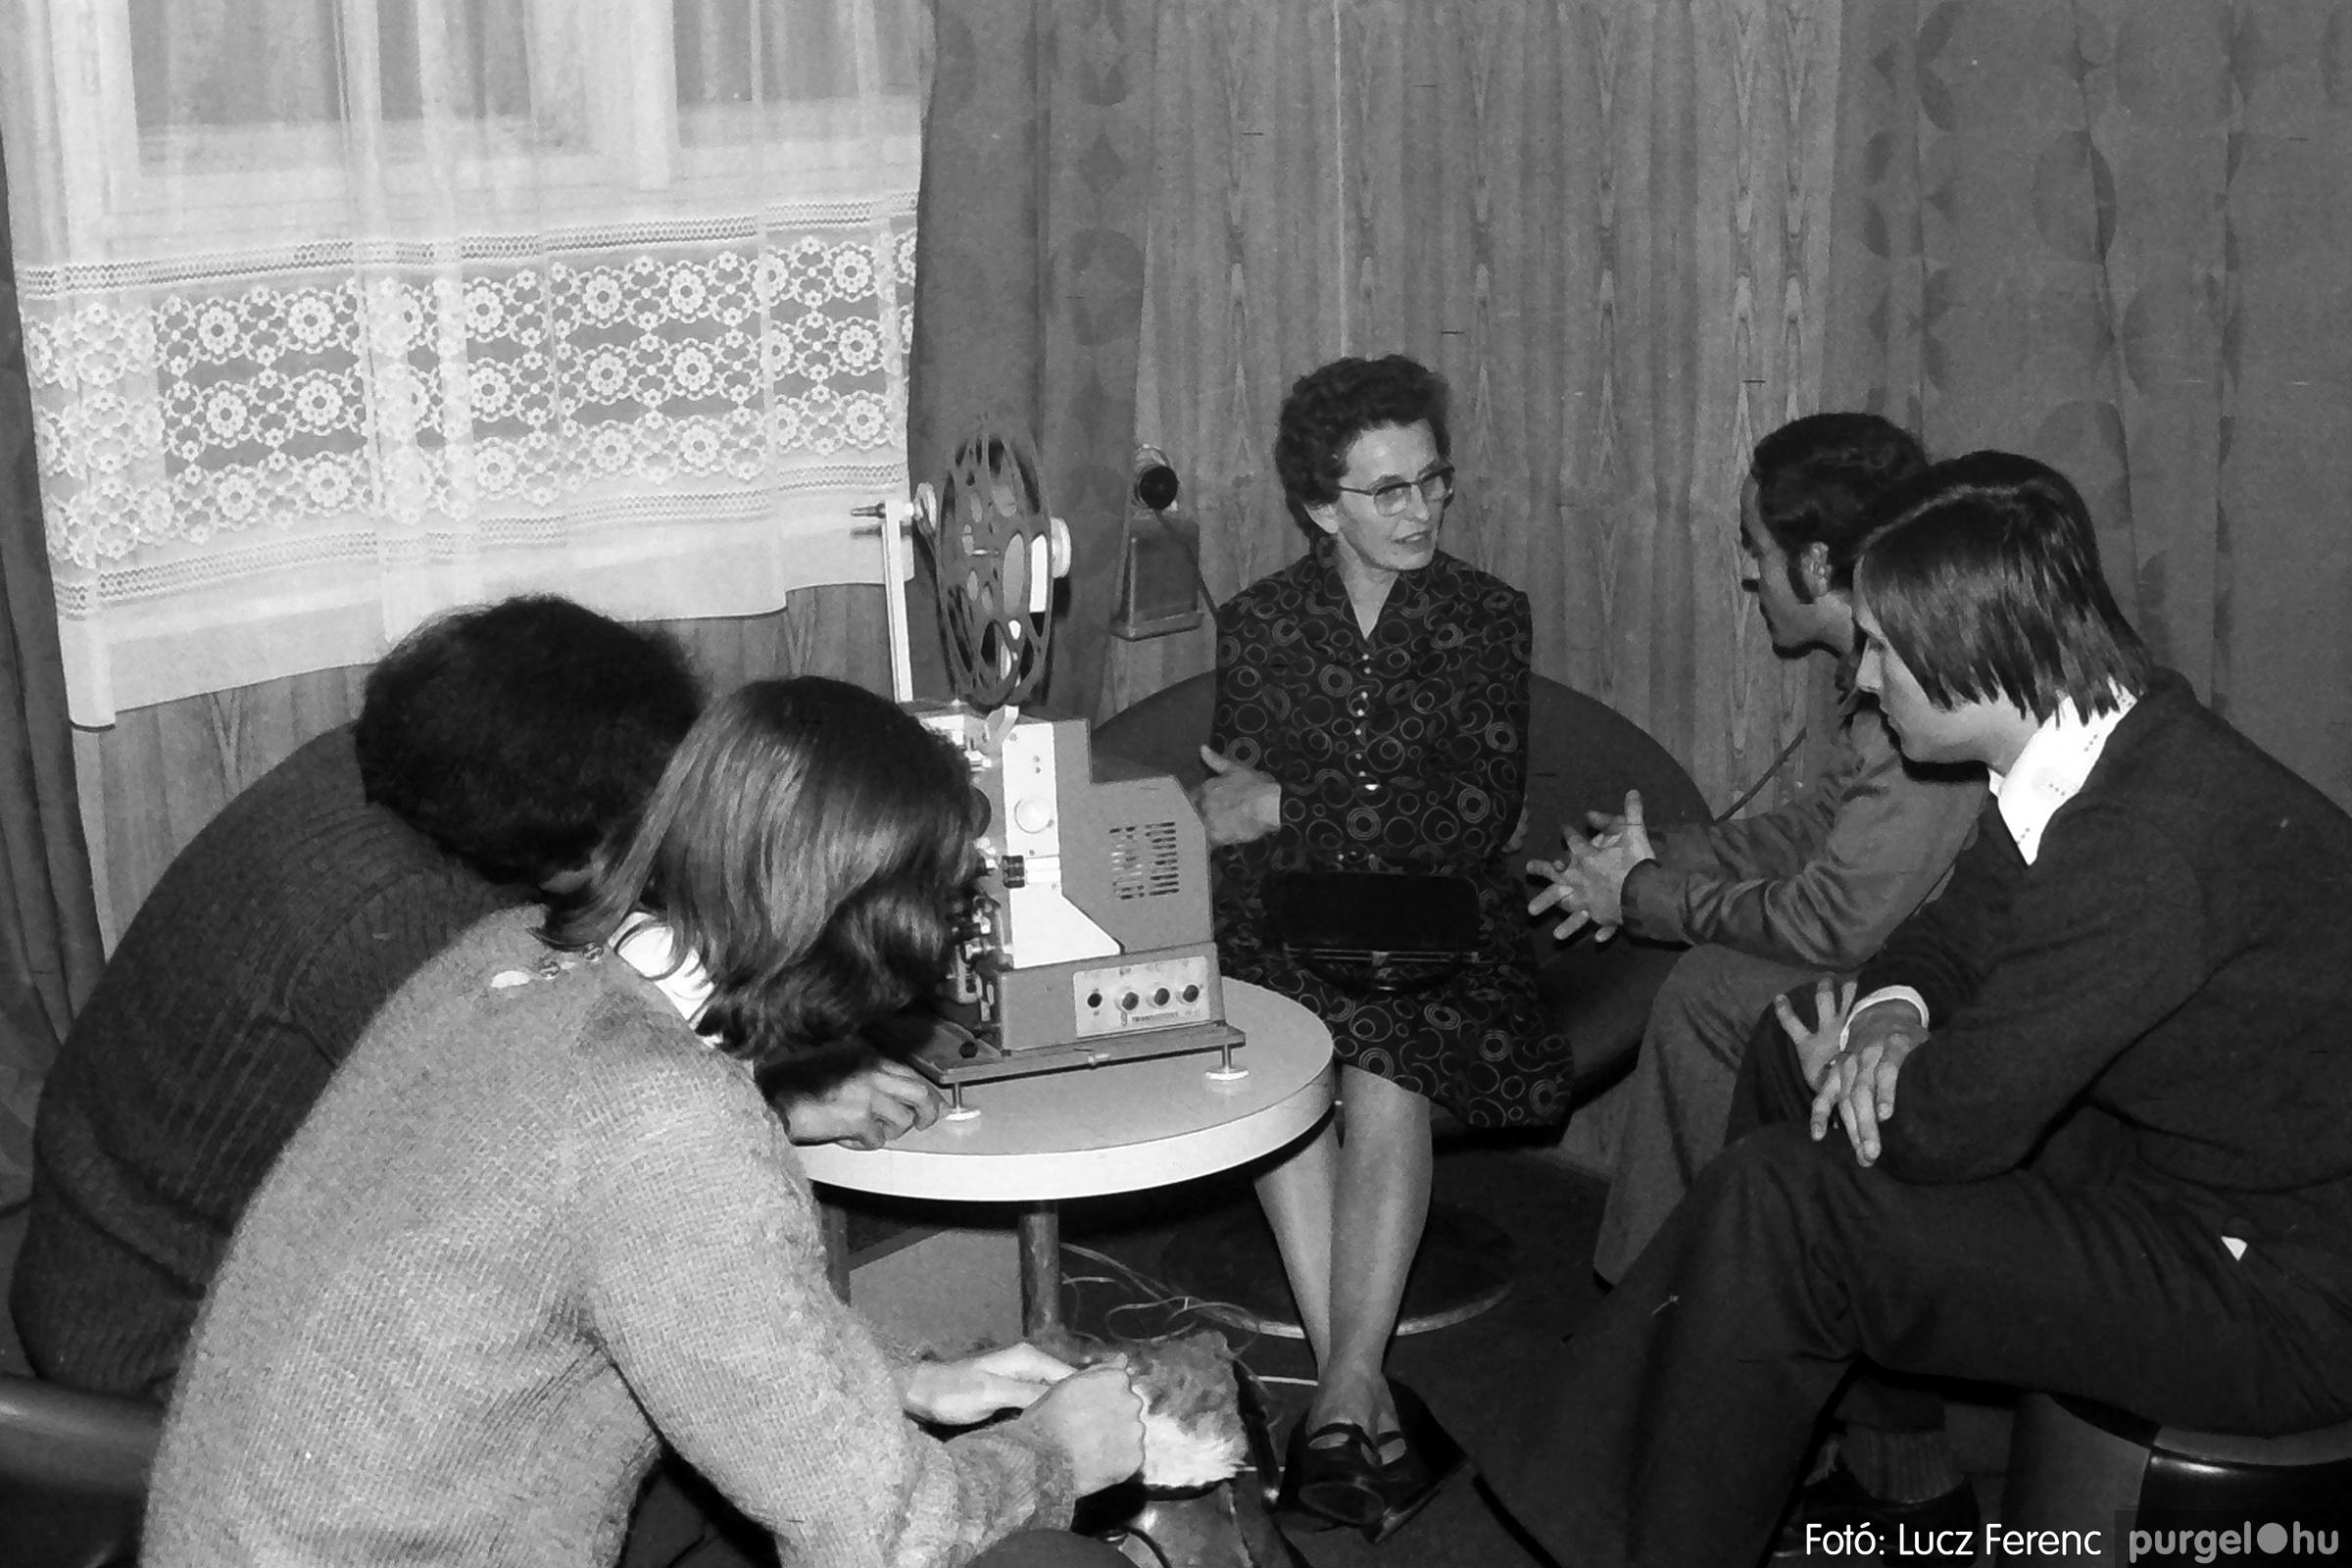 066-067. 1976. A Herkulesfürdői emlék című film ősbemutatója Szegváron 016. - Fotó: Lucz Ferenc.jpg